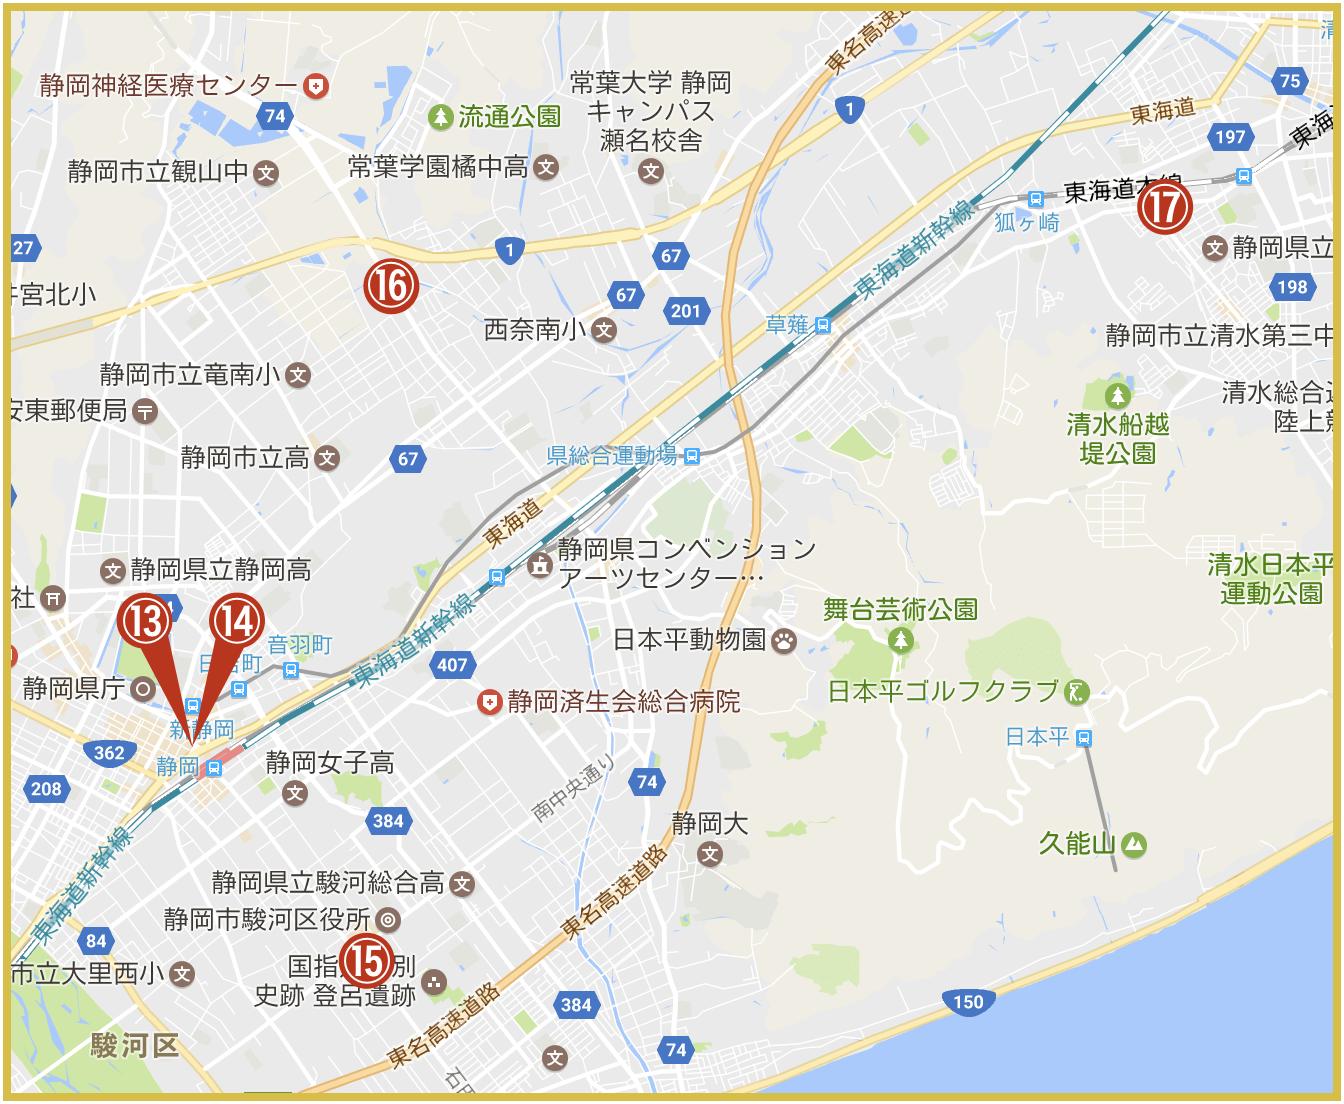 静岡県静岡市にあるアコム店舗・ATMの位置